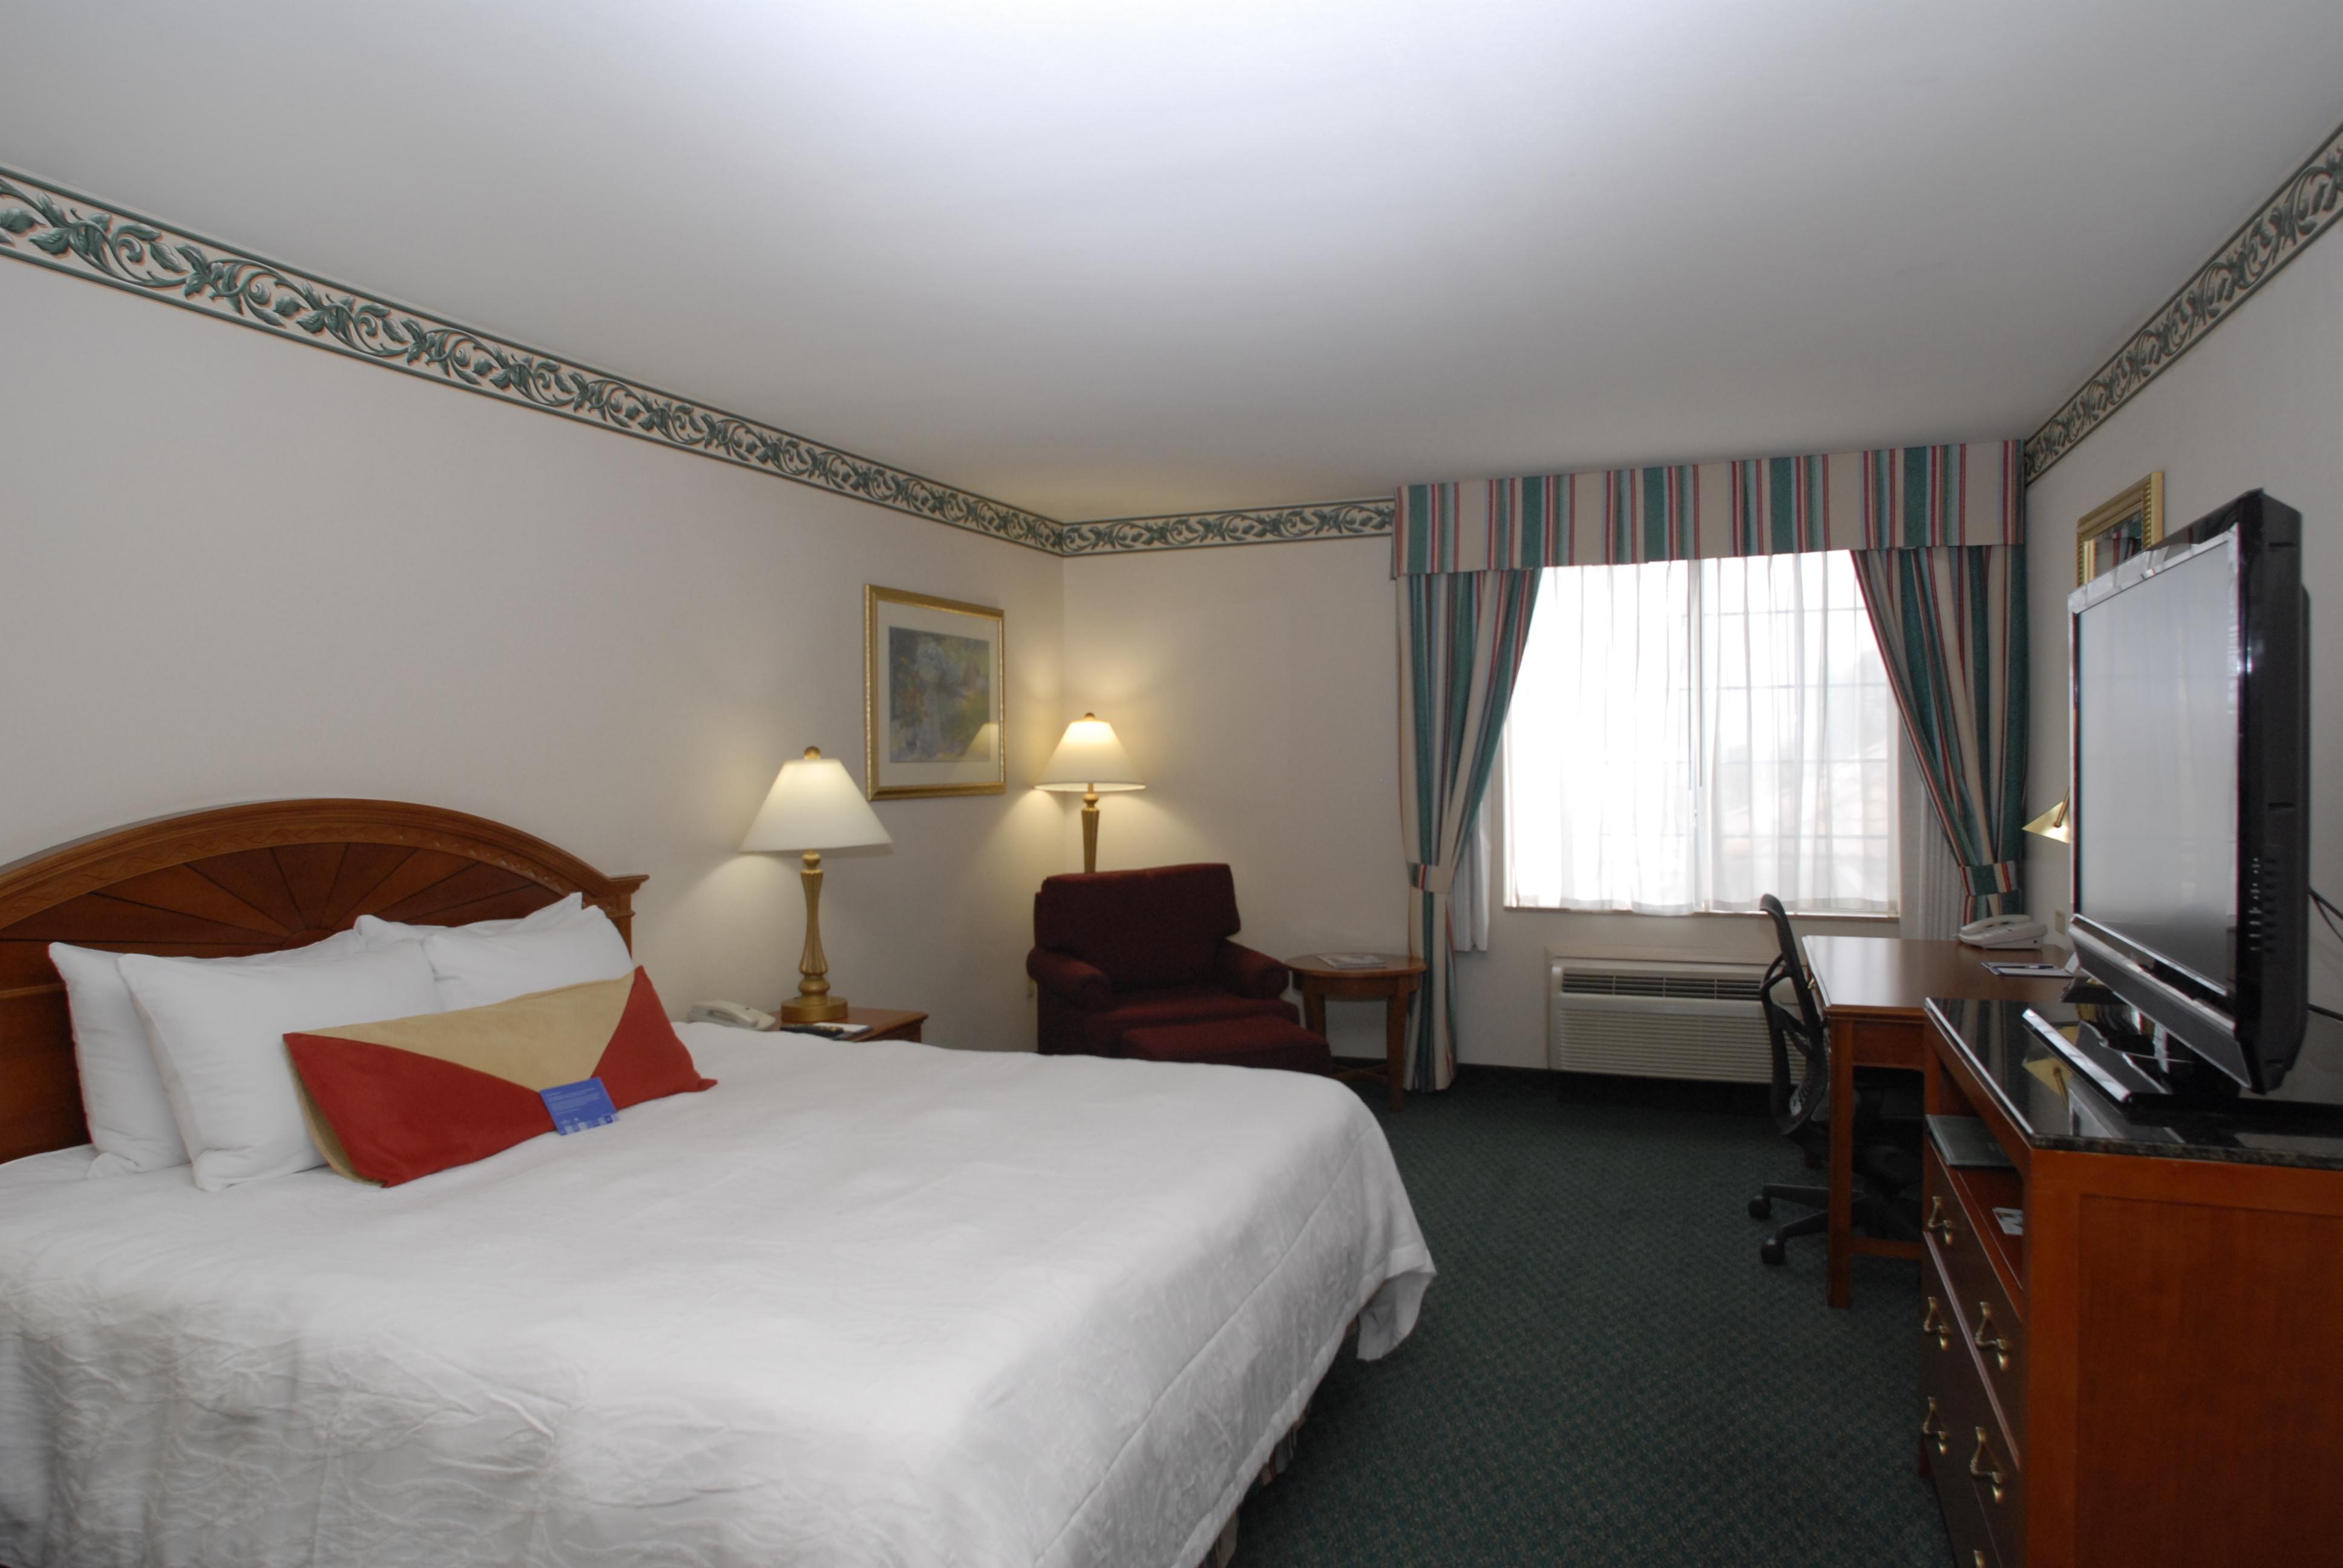 Hilton garden inn bakersfield in bakersfield ca 93308 for Hilton garden inn bakersfield ca